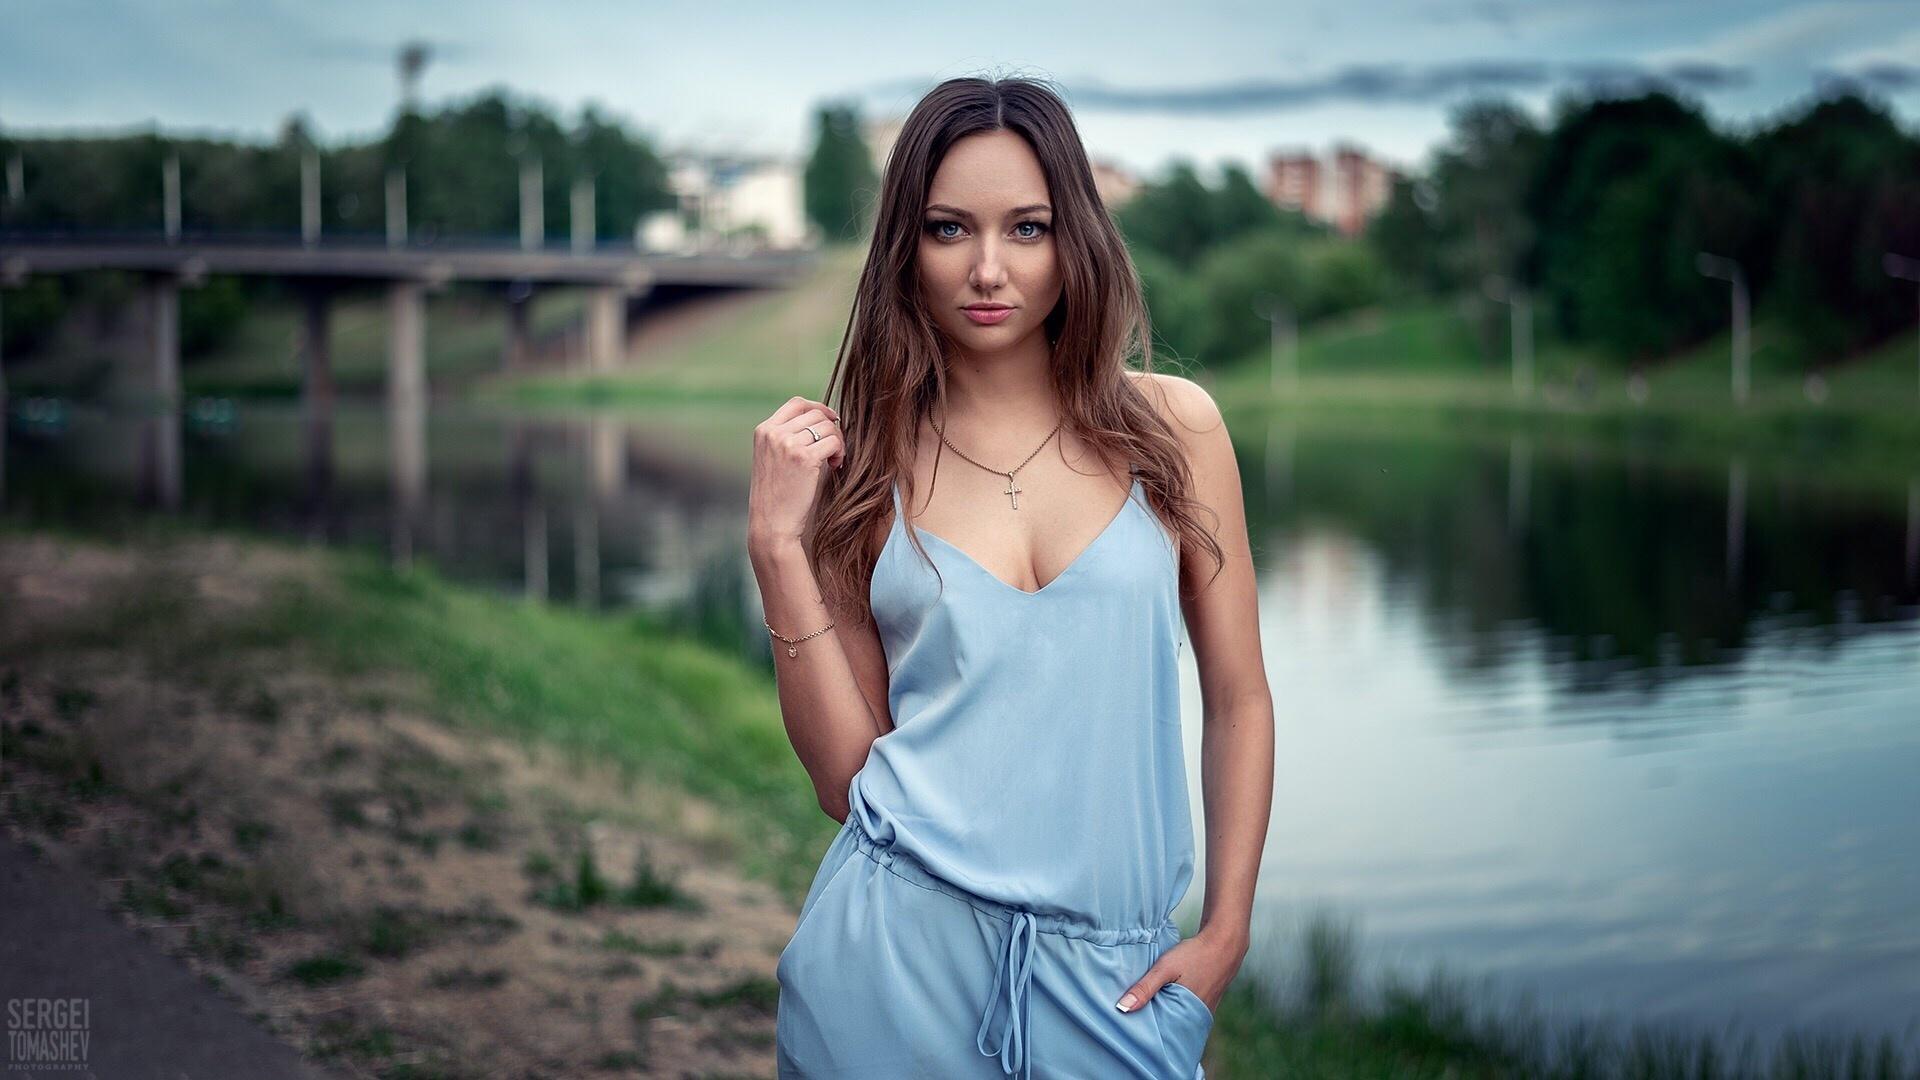 девушка, наташа синкевич, речка, мост, лето, фотограф, томашев сергей, витебск